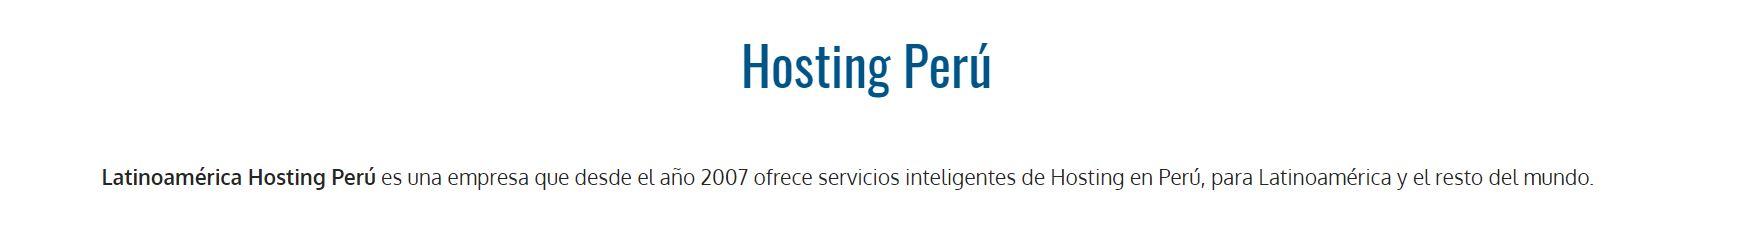 Los hosting Perú son la mejor herramienta para crear tu página web.